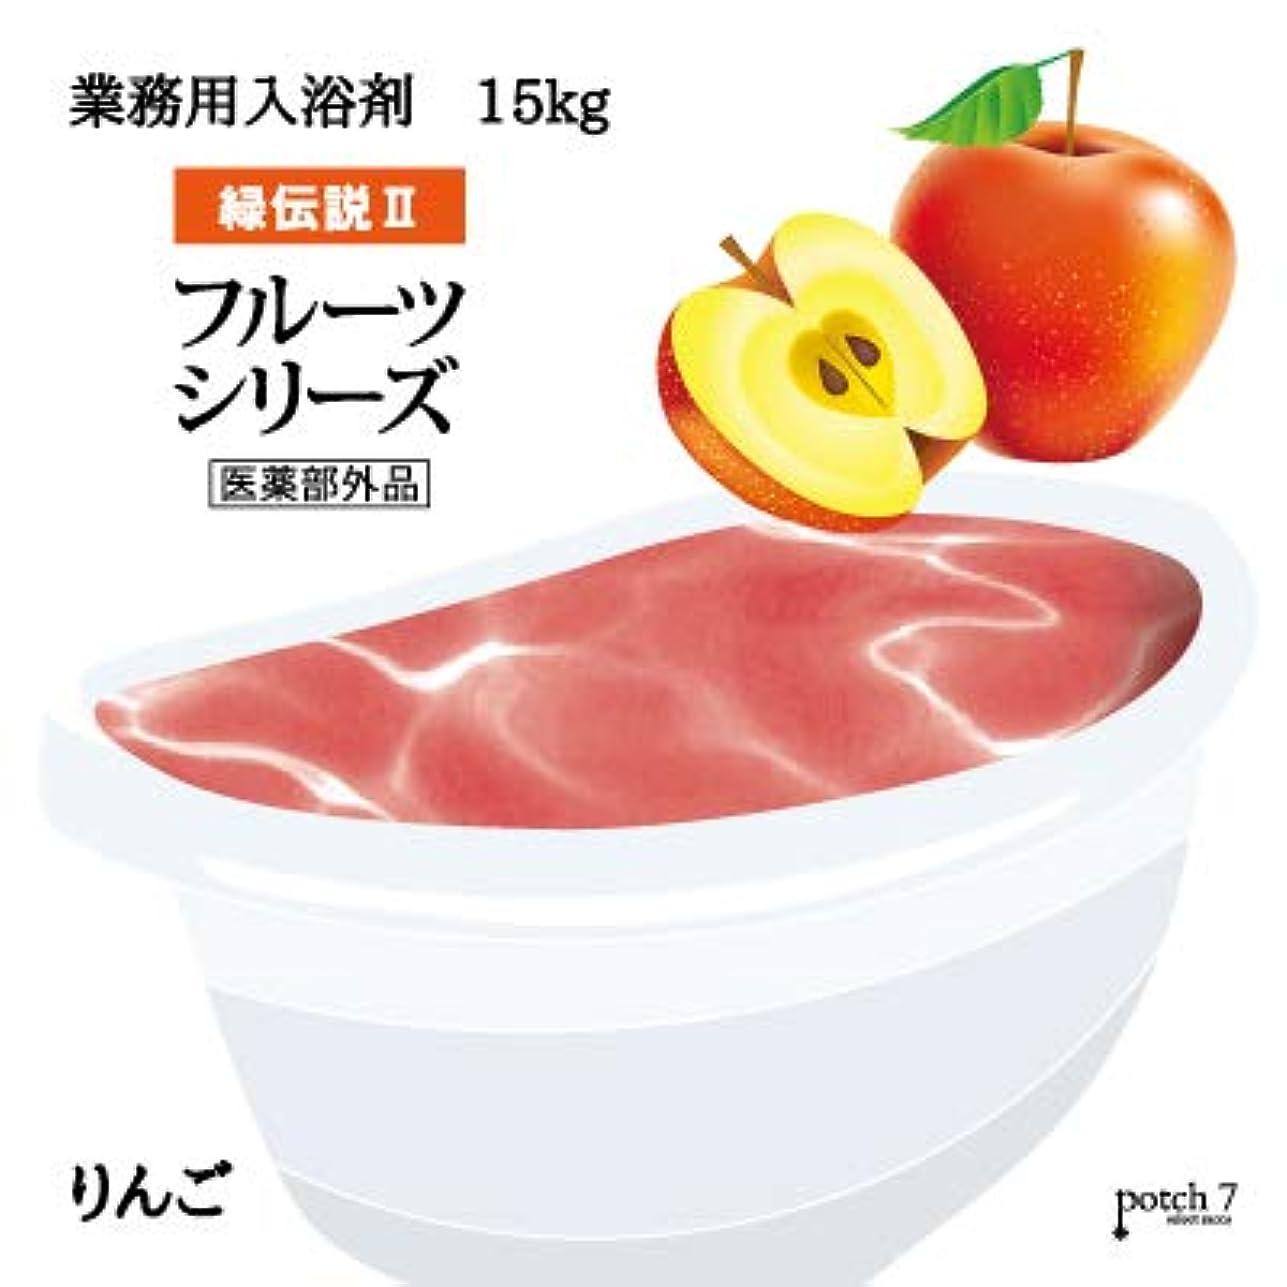 クモチーズルーキー業務用入浴剤「林檎」15Kg(7.5Kgx2袋入)GYM-RI